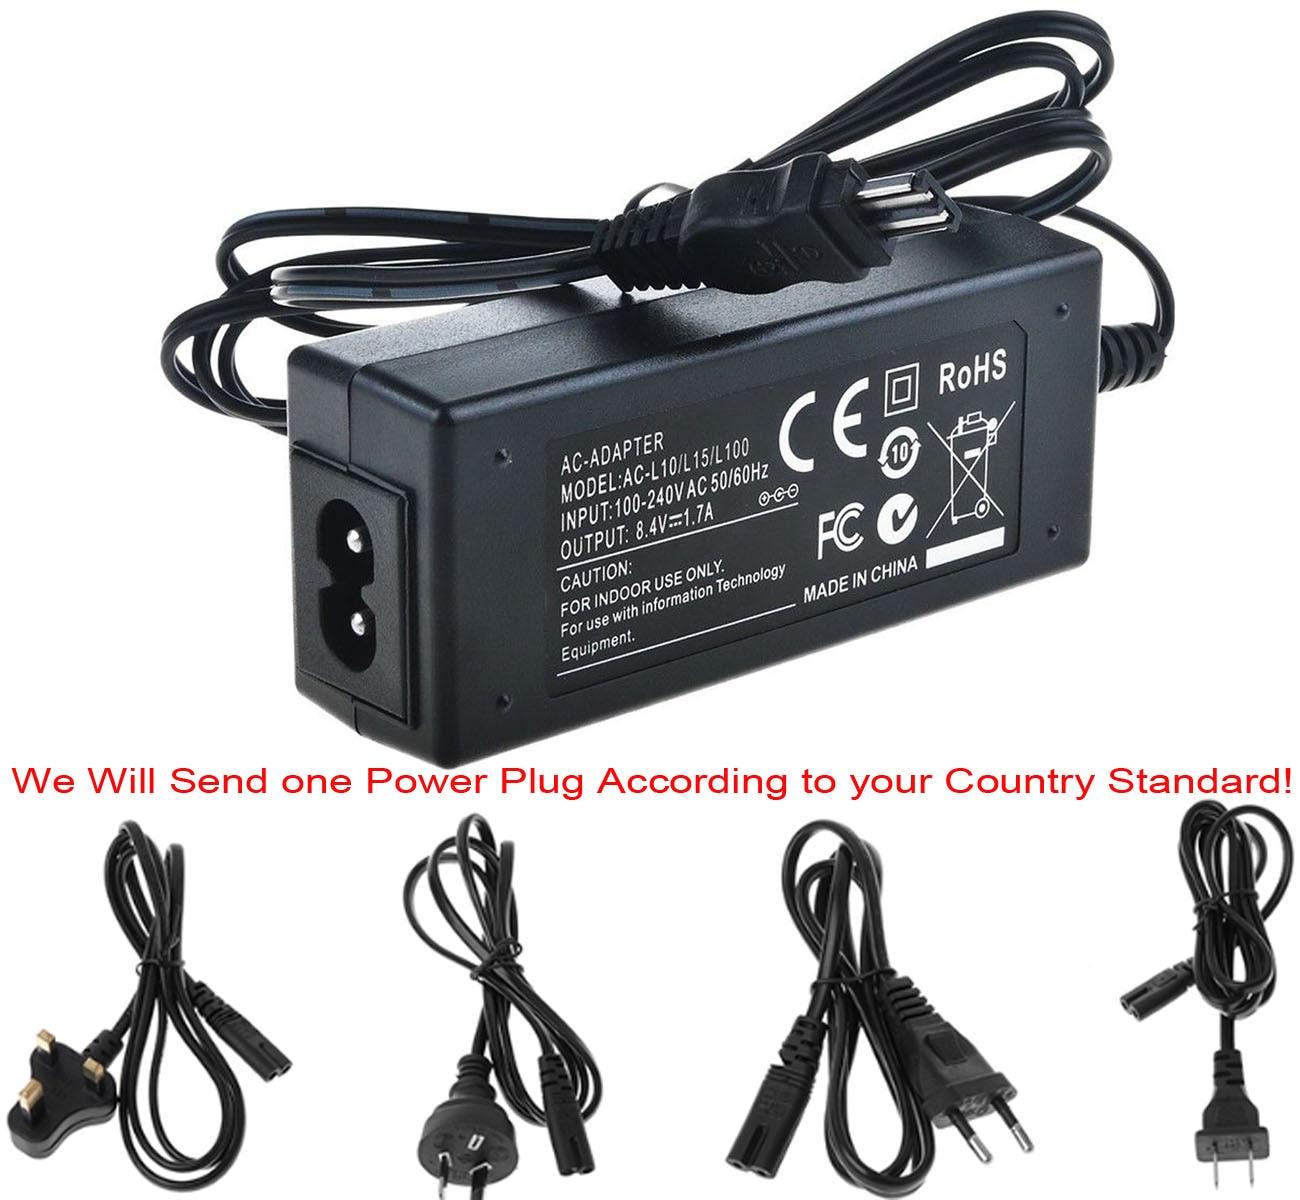 Cable de datos USB para Sony dcr-trv740 trv740e trv828e